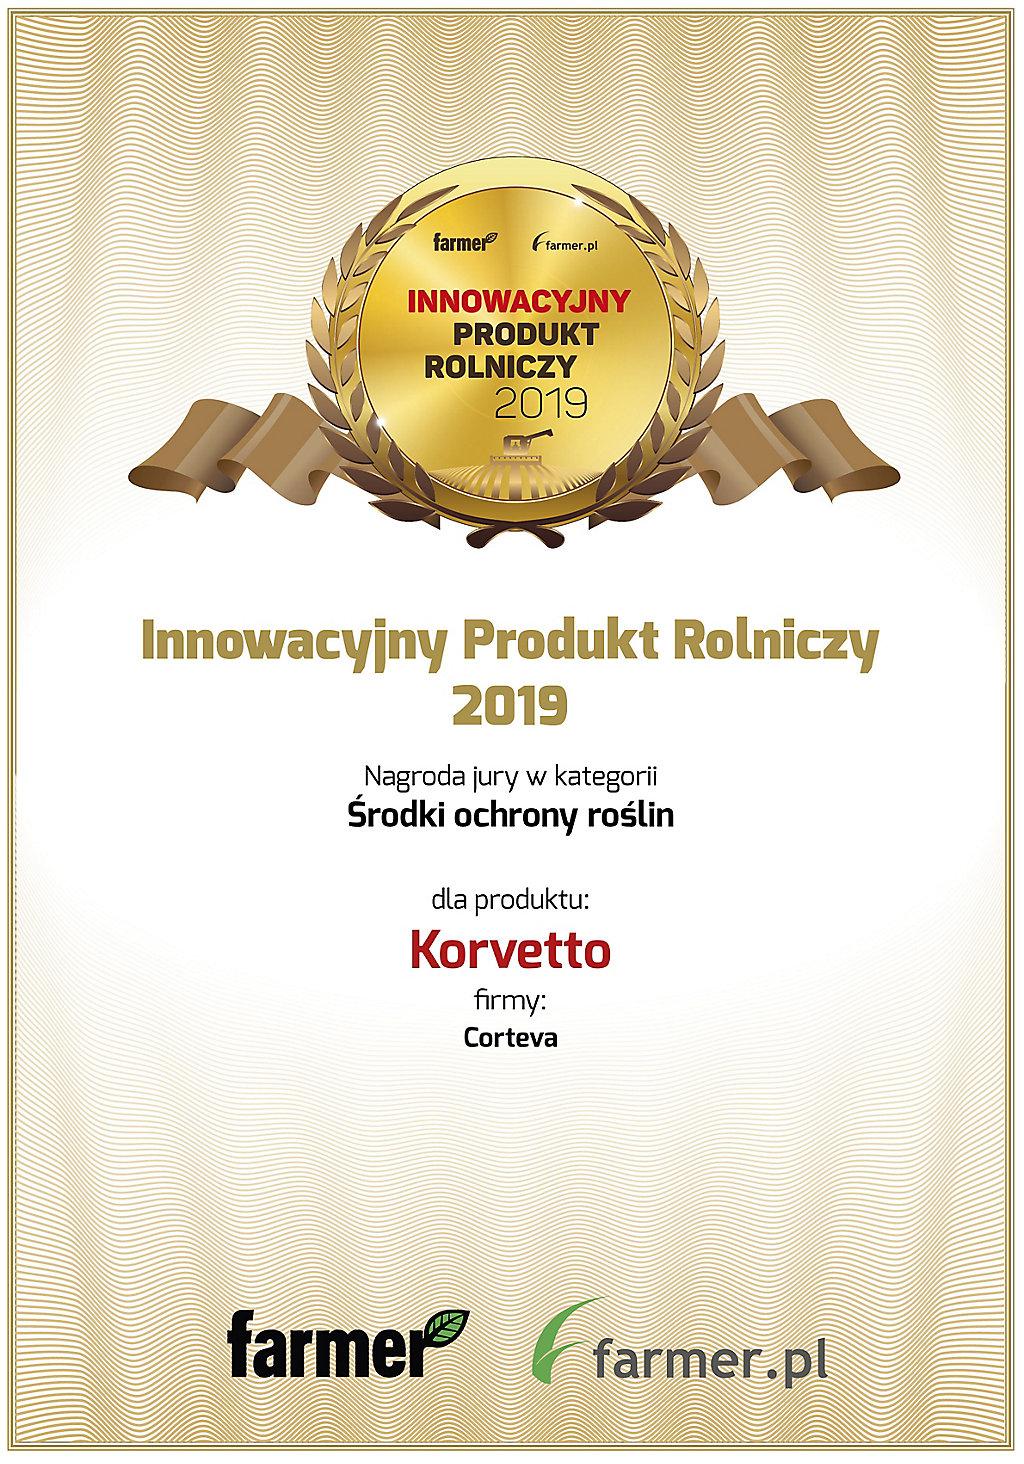 Dyplom Inowacyjny Produkt 2019